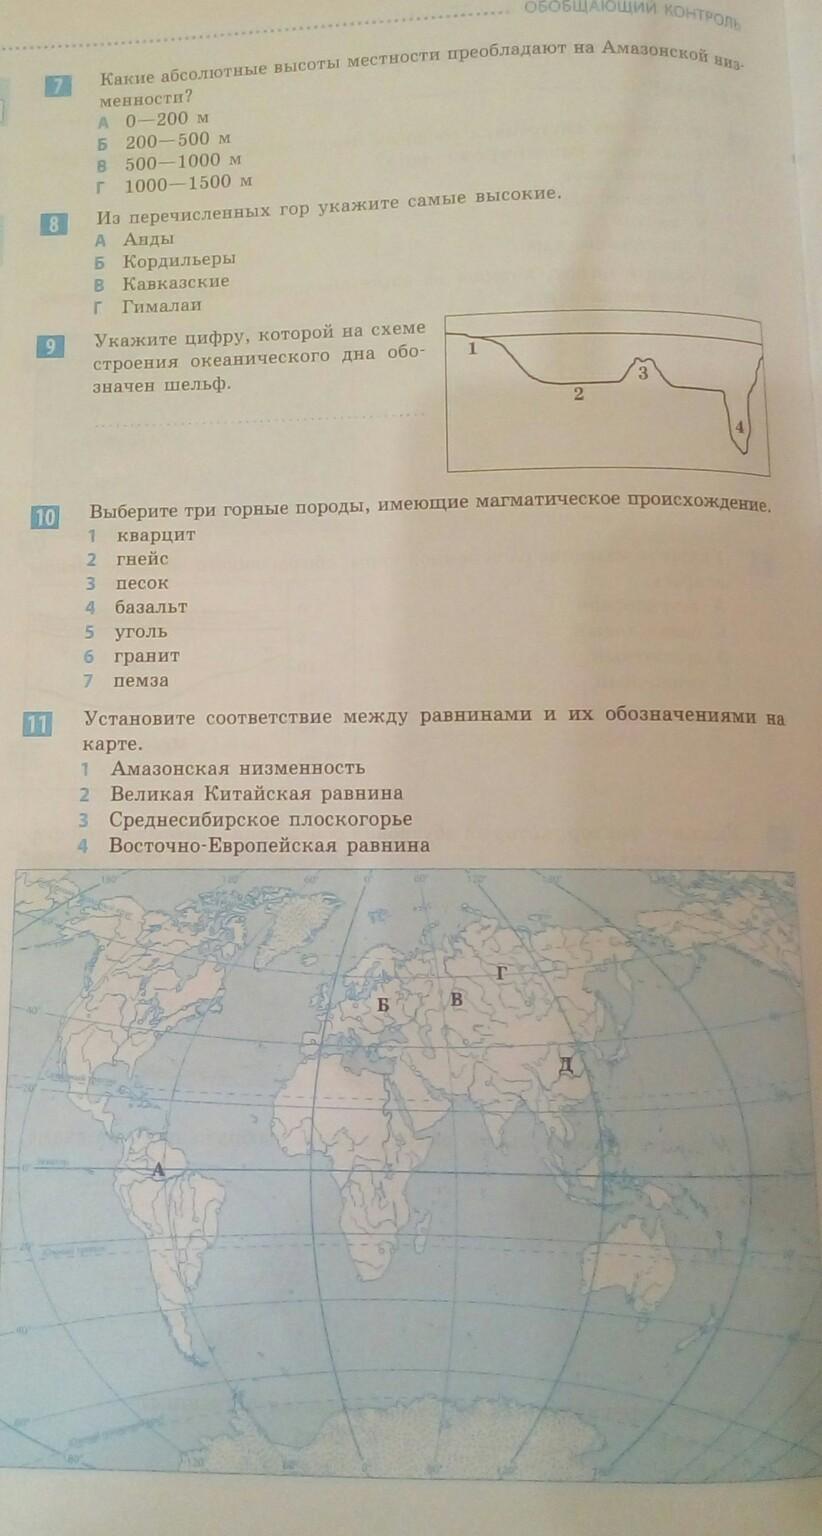 помогите с контрольной по географии класс Школьные Знания com Помогите с контрольной по географии 6 класс